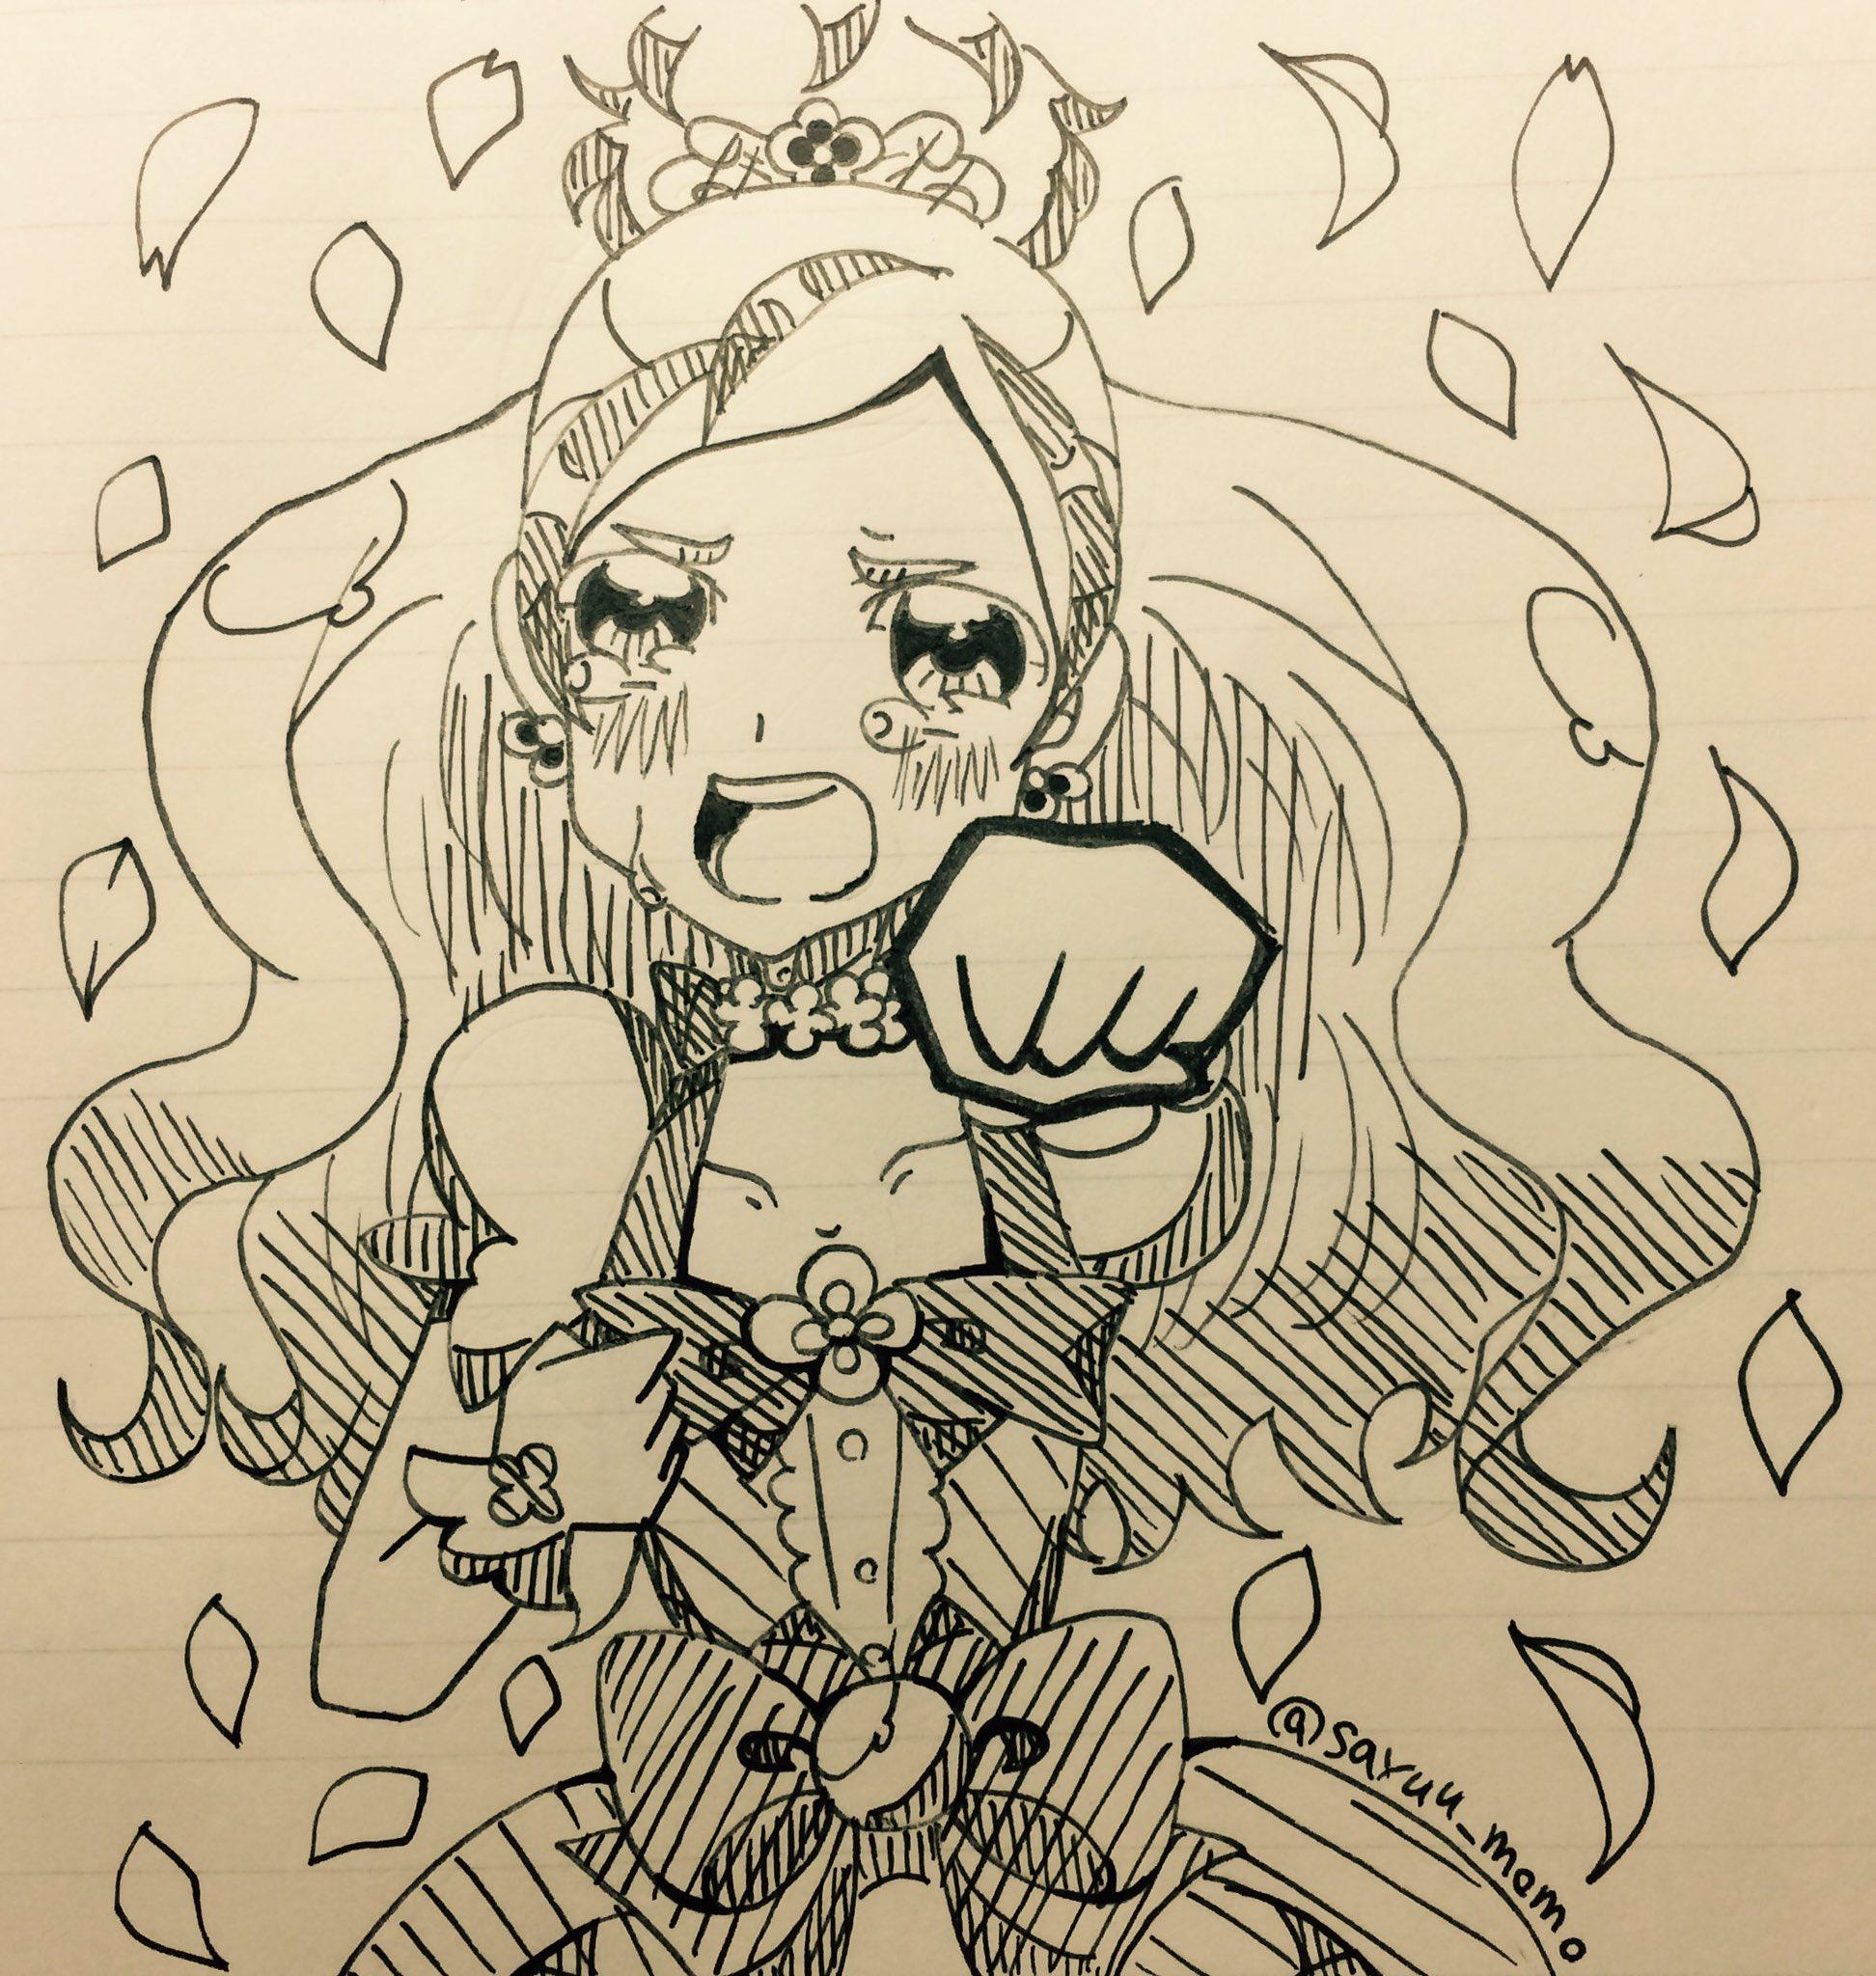 紗遊@刀ミュライビュ (@sayuu_momo)さんのイラスト